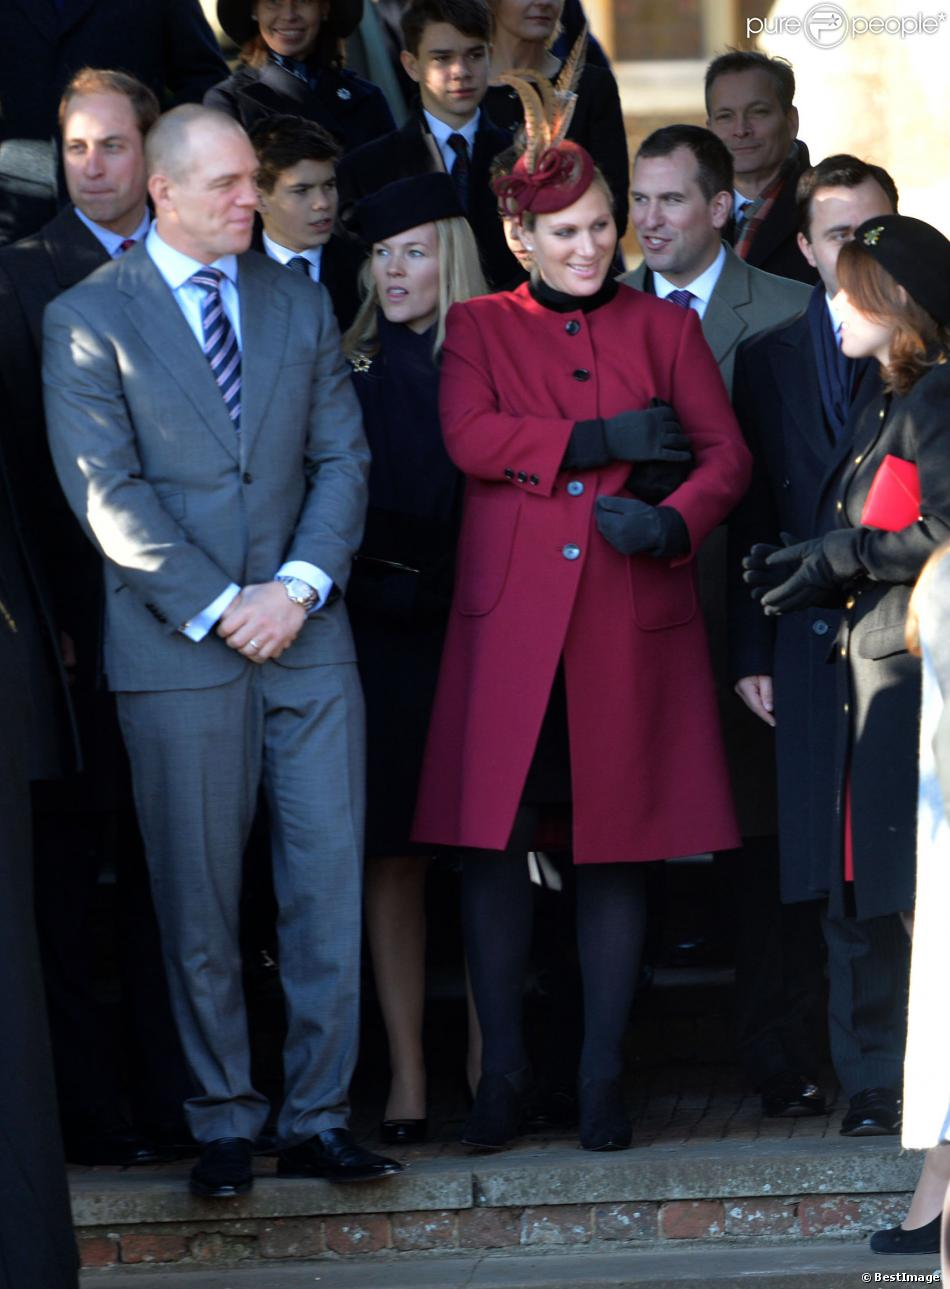 Zara Phillips, enceinte de huit mois, et son mari Mike Tindall à Sandringham le 25 décembre 2013 avec la famille royale pour la messe de Noël. Le couple a eu une petite fille le 17 janvier 2014.